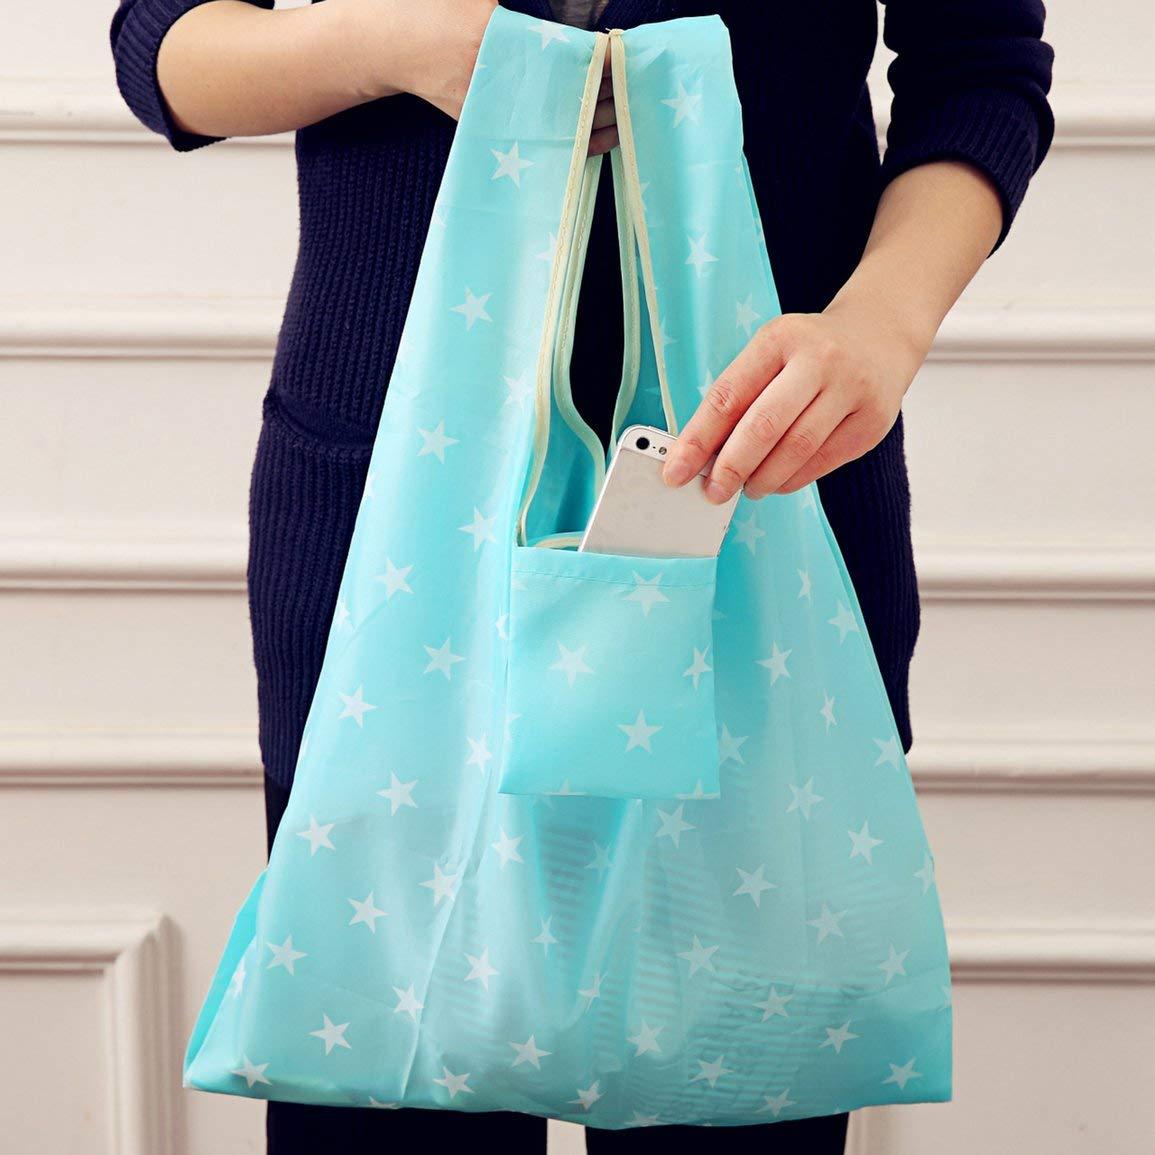 Garciasia Bolsas de la compra plegables de tela de Oxford del dise/ño impreso de moda floral Bolsas de compras reutilizables del bolso de la bolsa de la compra de Eco Eco color: azul marino